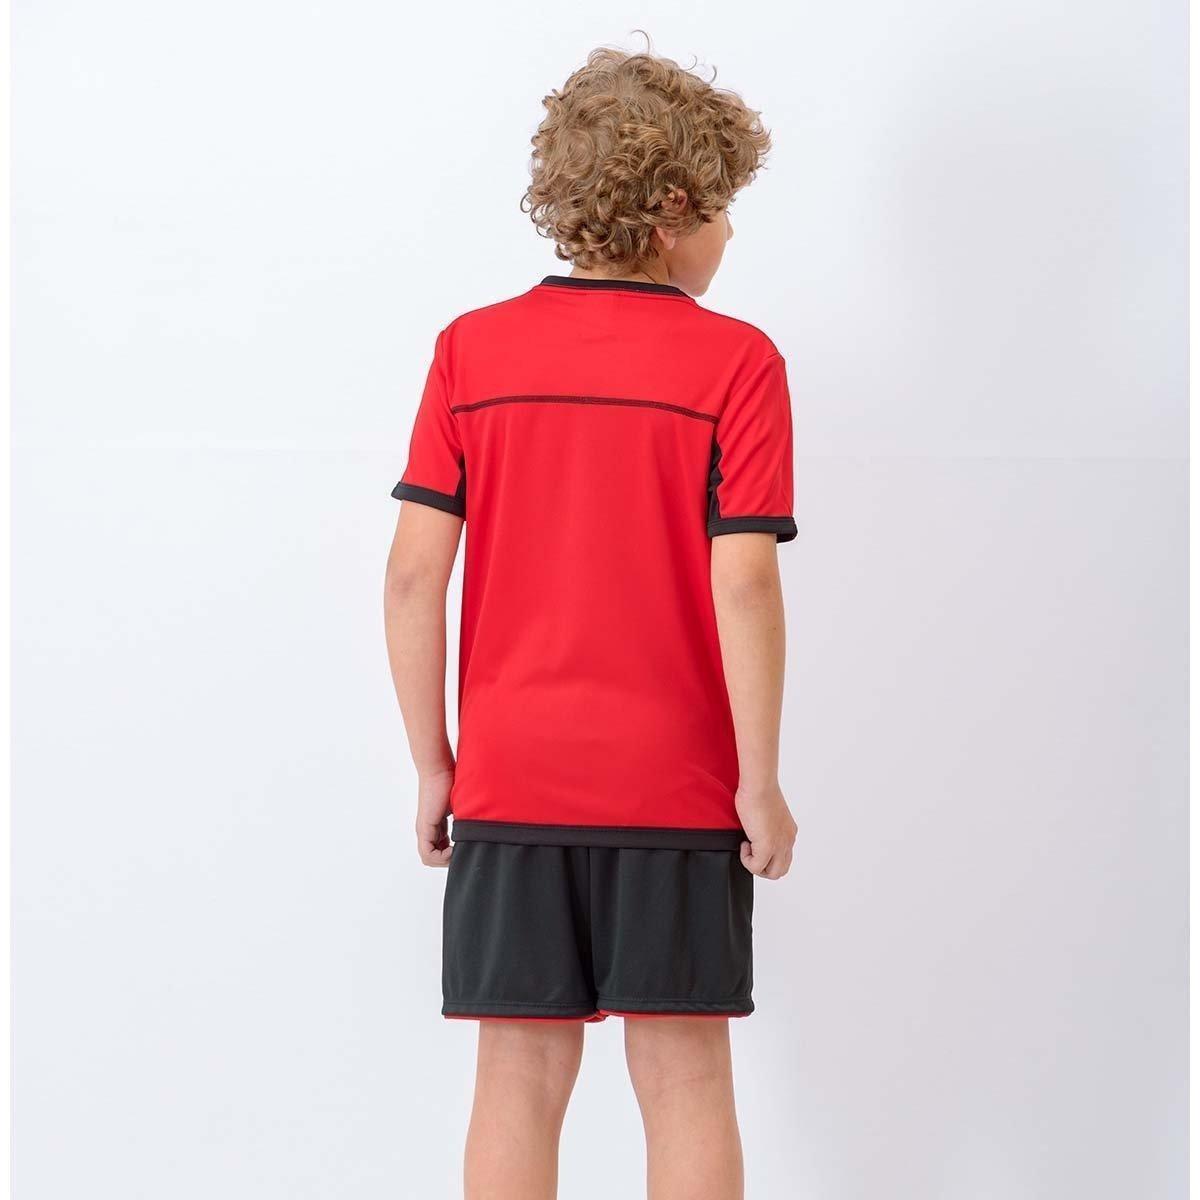 Camisa Infantil Flamengo Land Braziline  Camisa Infantil Flamengo Land  Braziline c1cfcecfc9dda